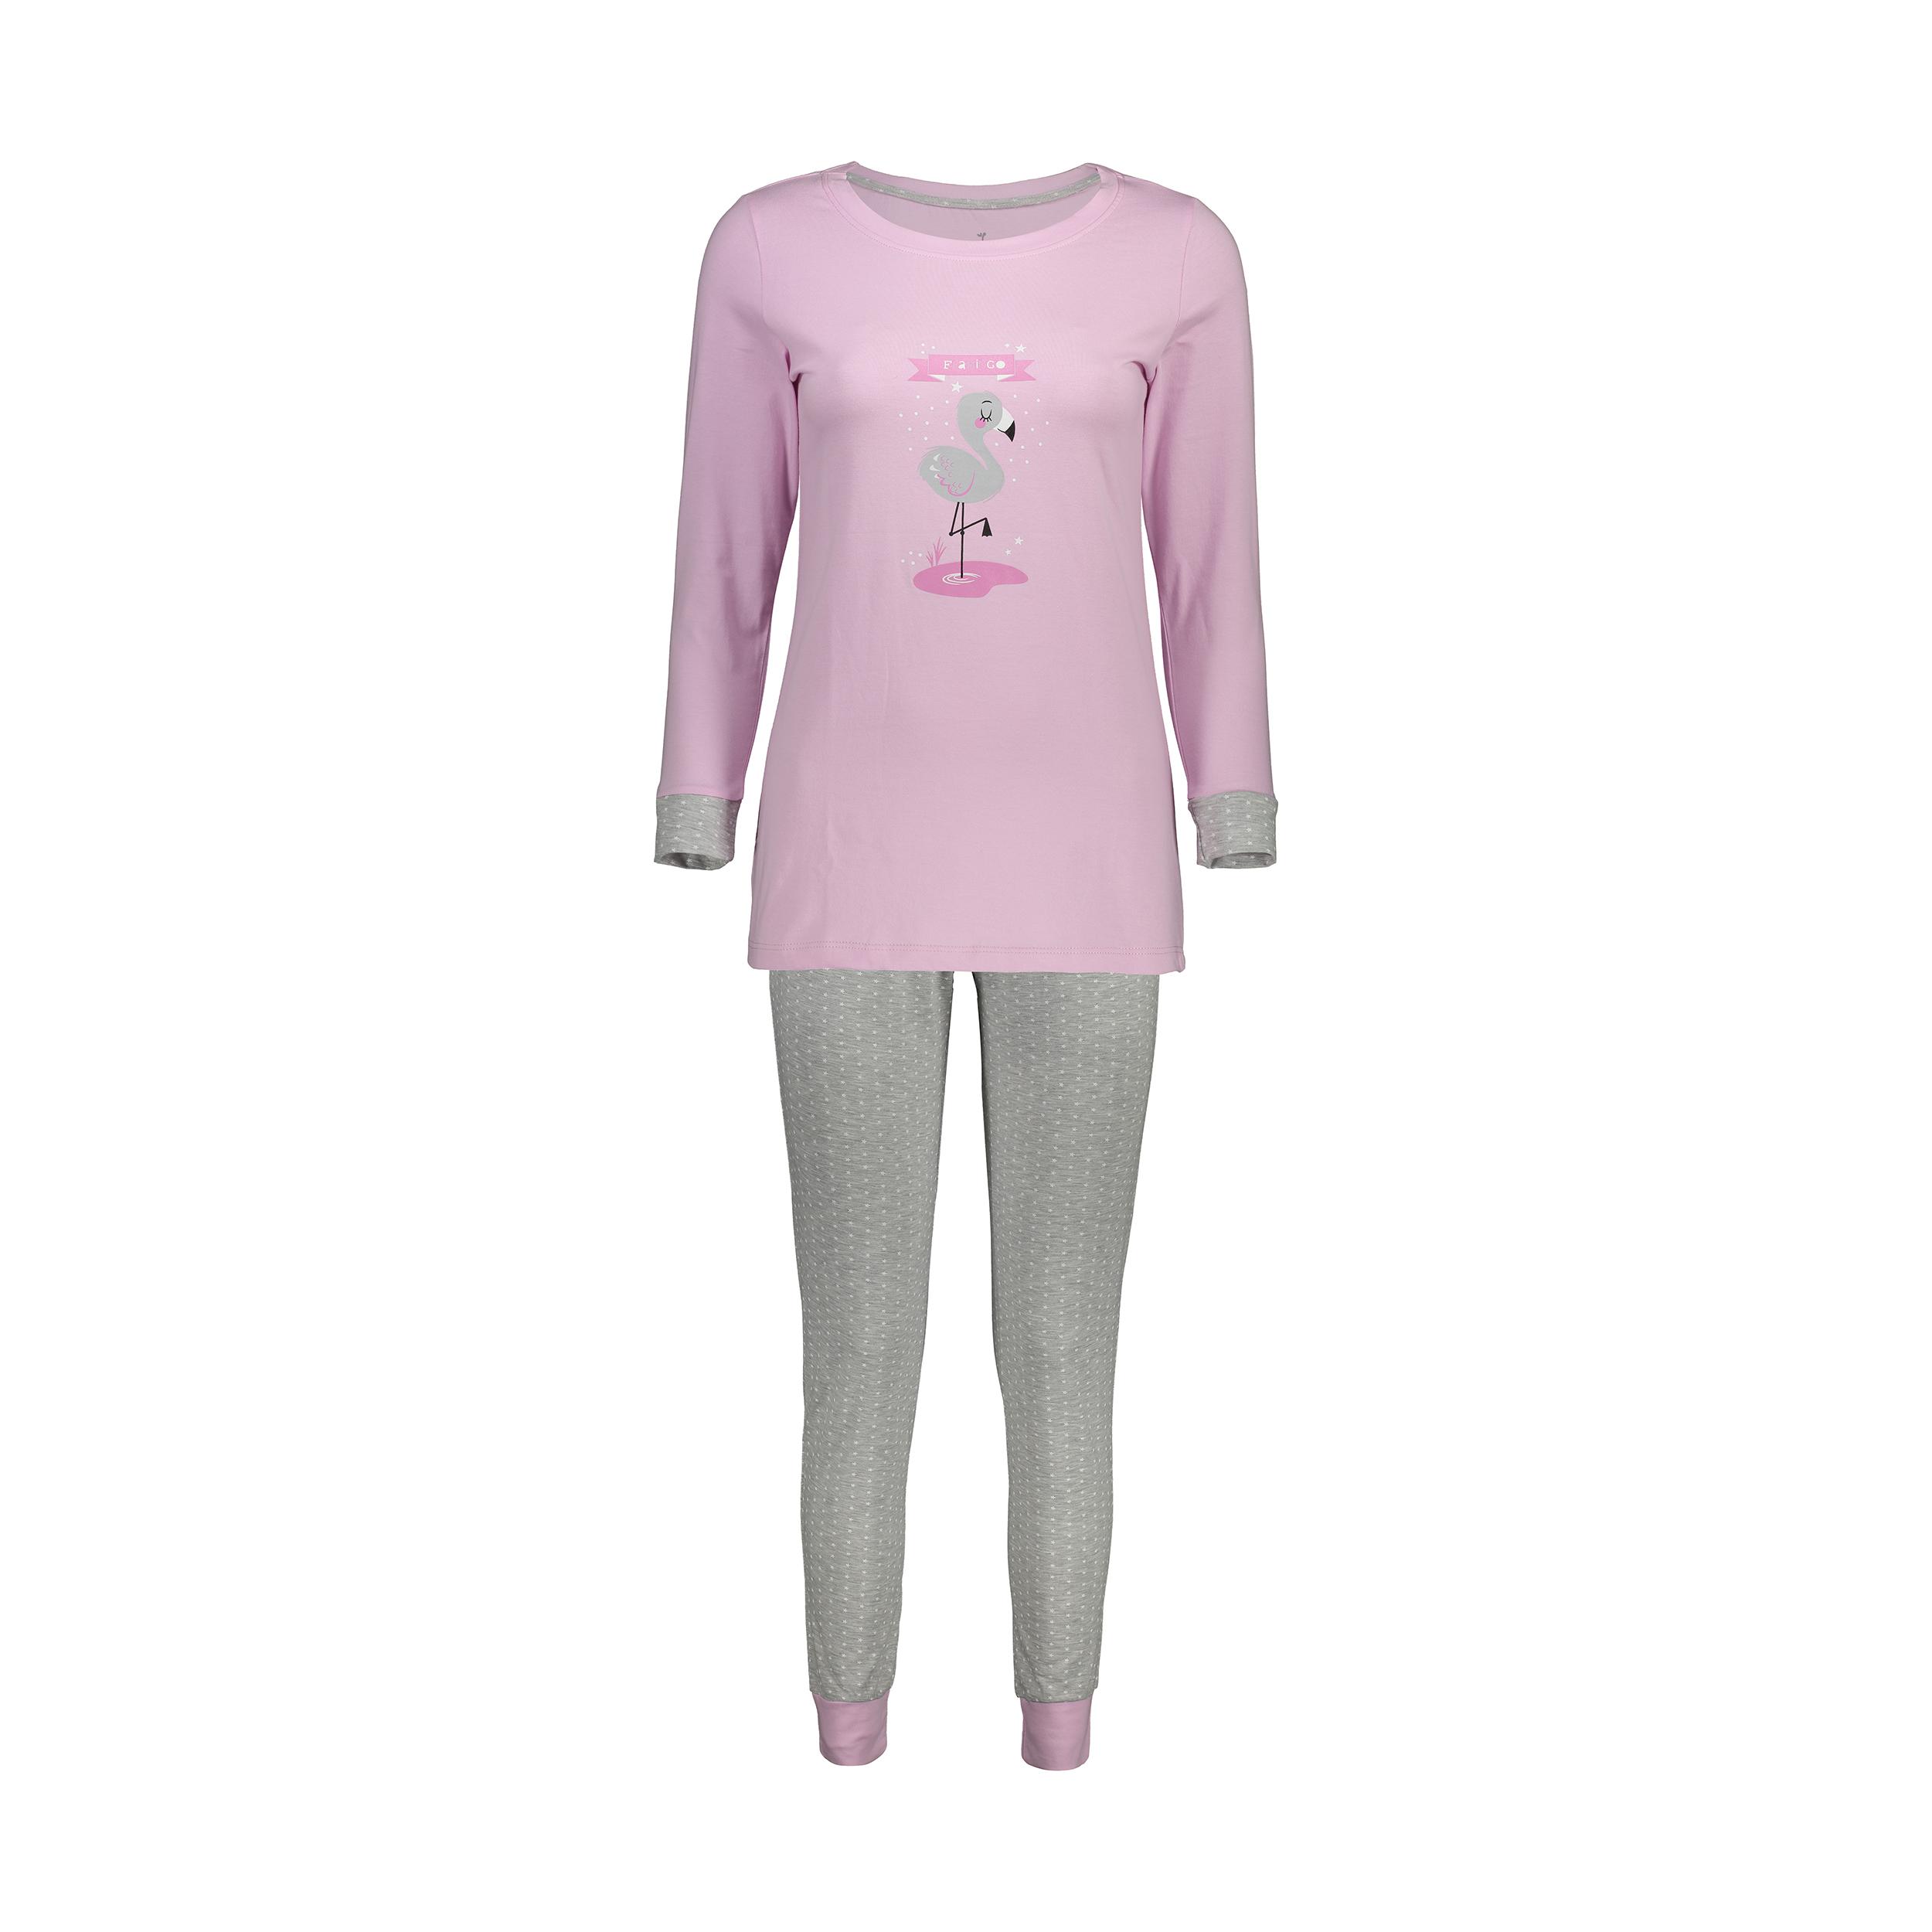 ست تی شرت و شلوار راحتی زنانه ناربن مدل 1521151-84